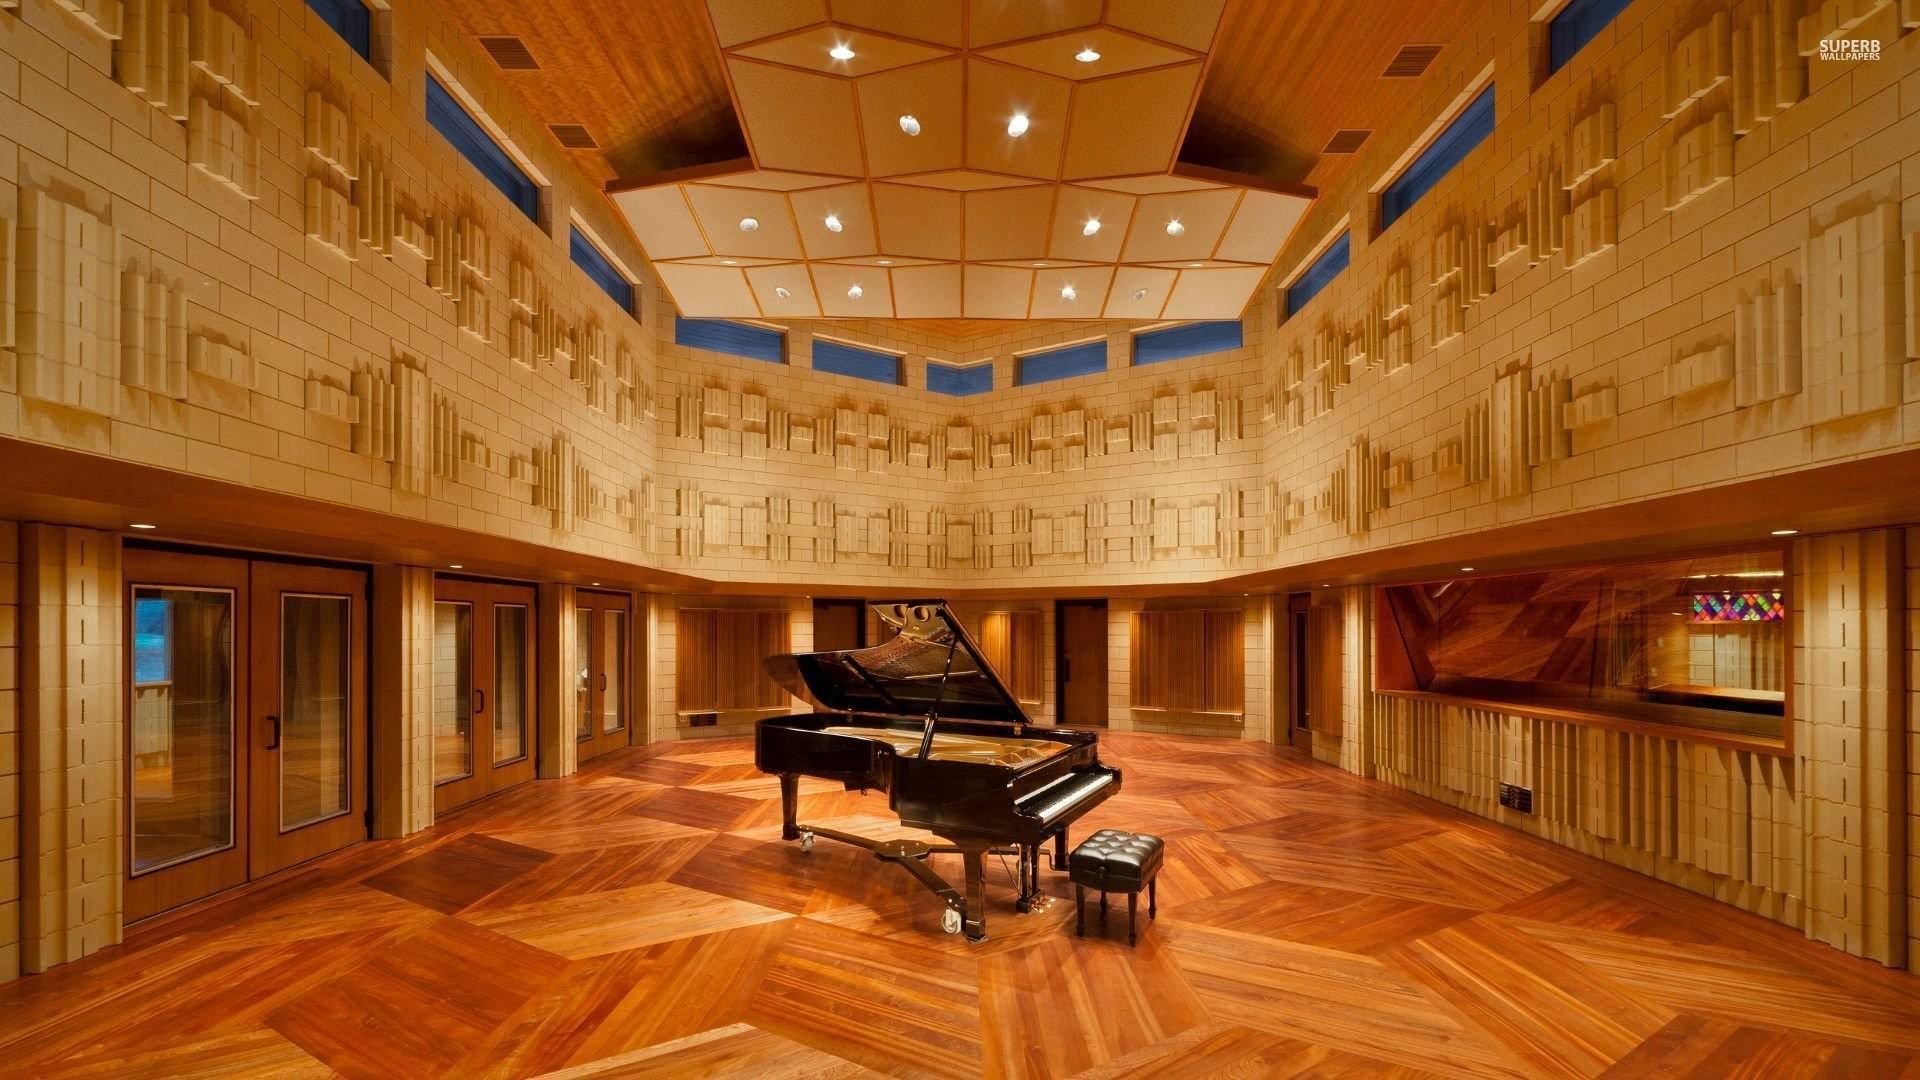 Piano In The Manifold Recording Studio